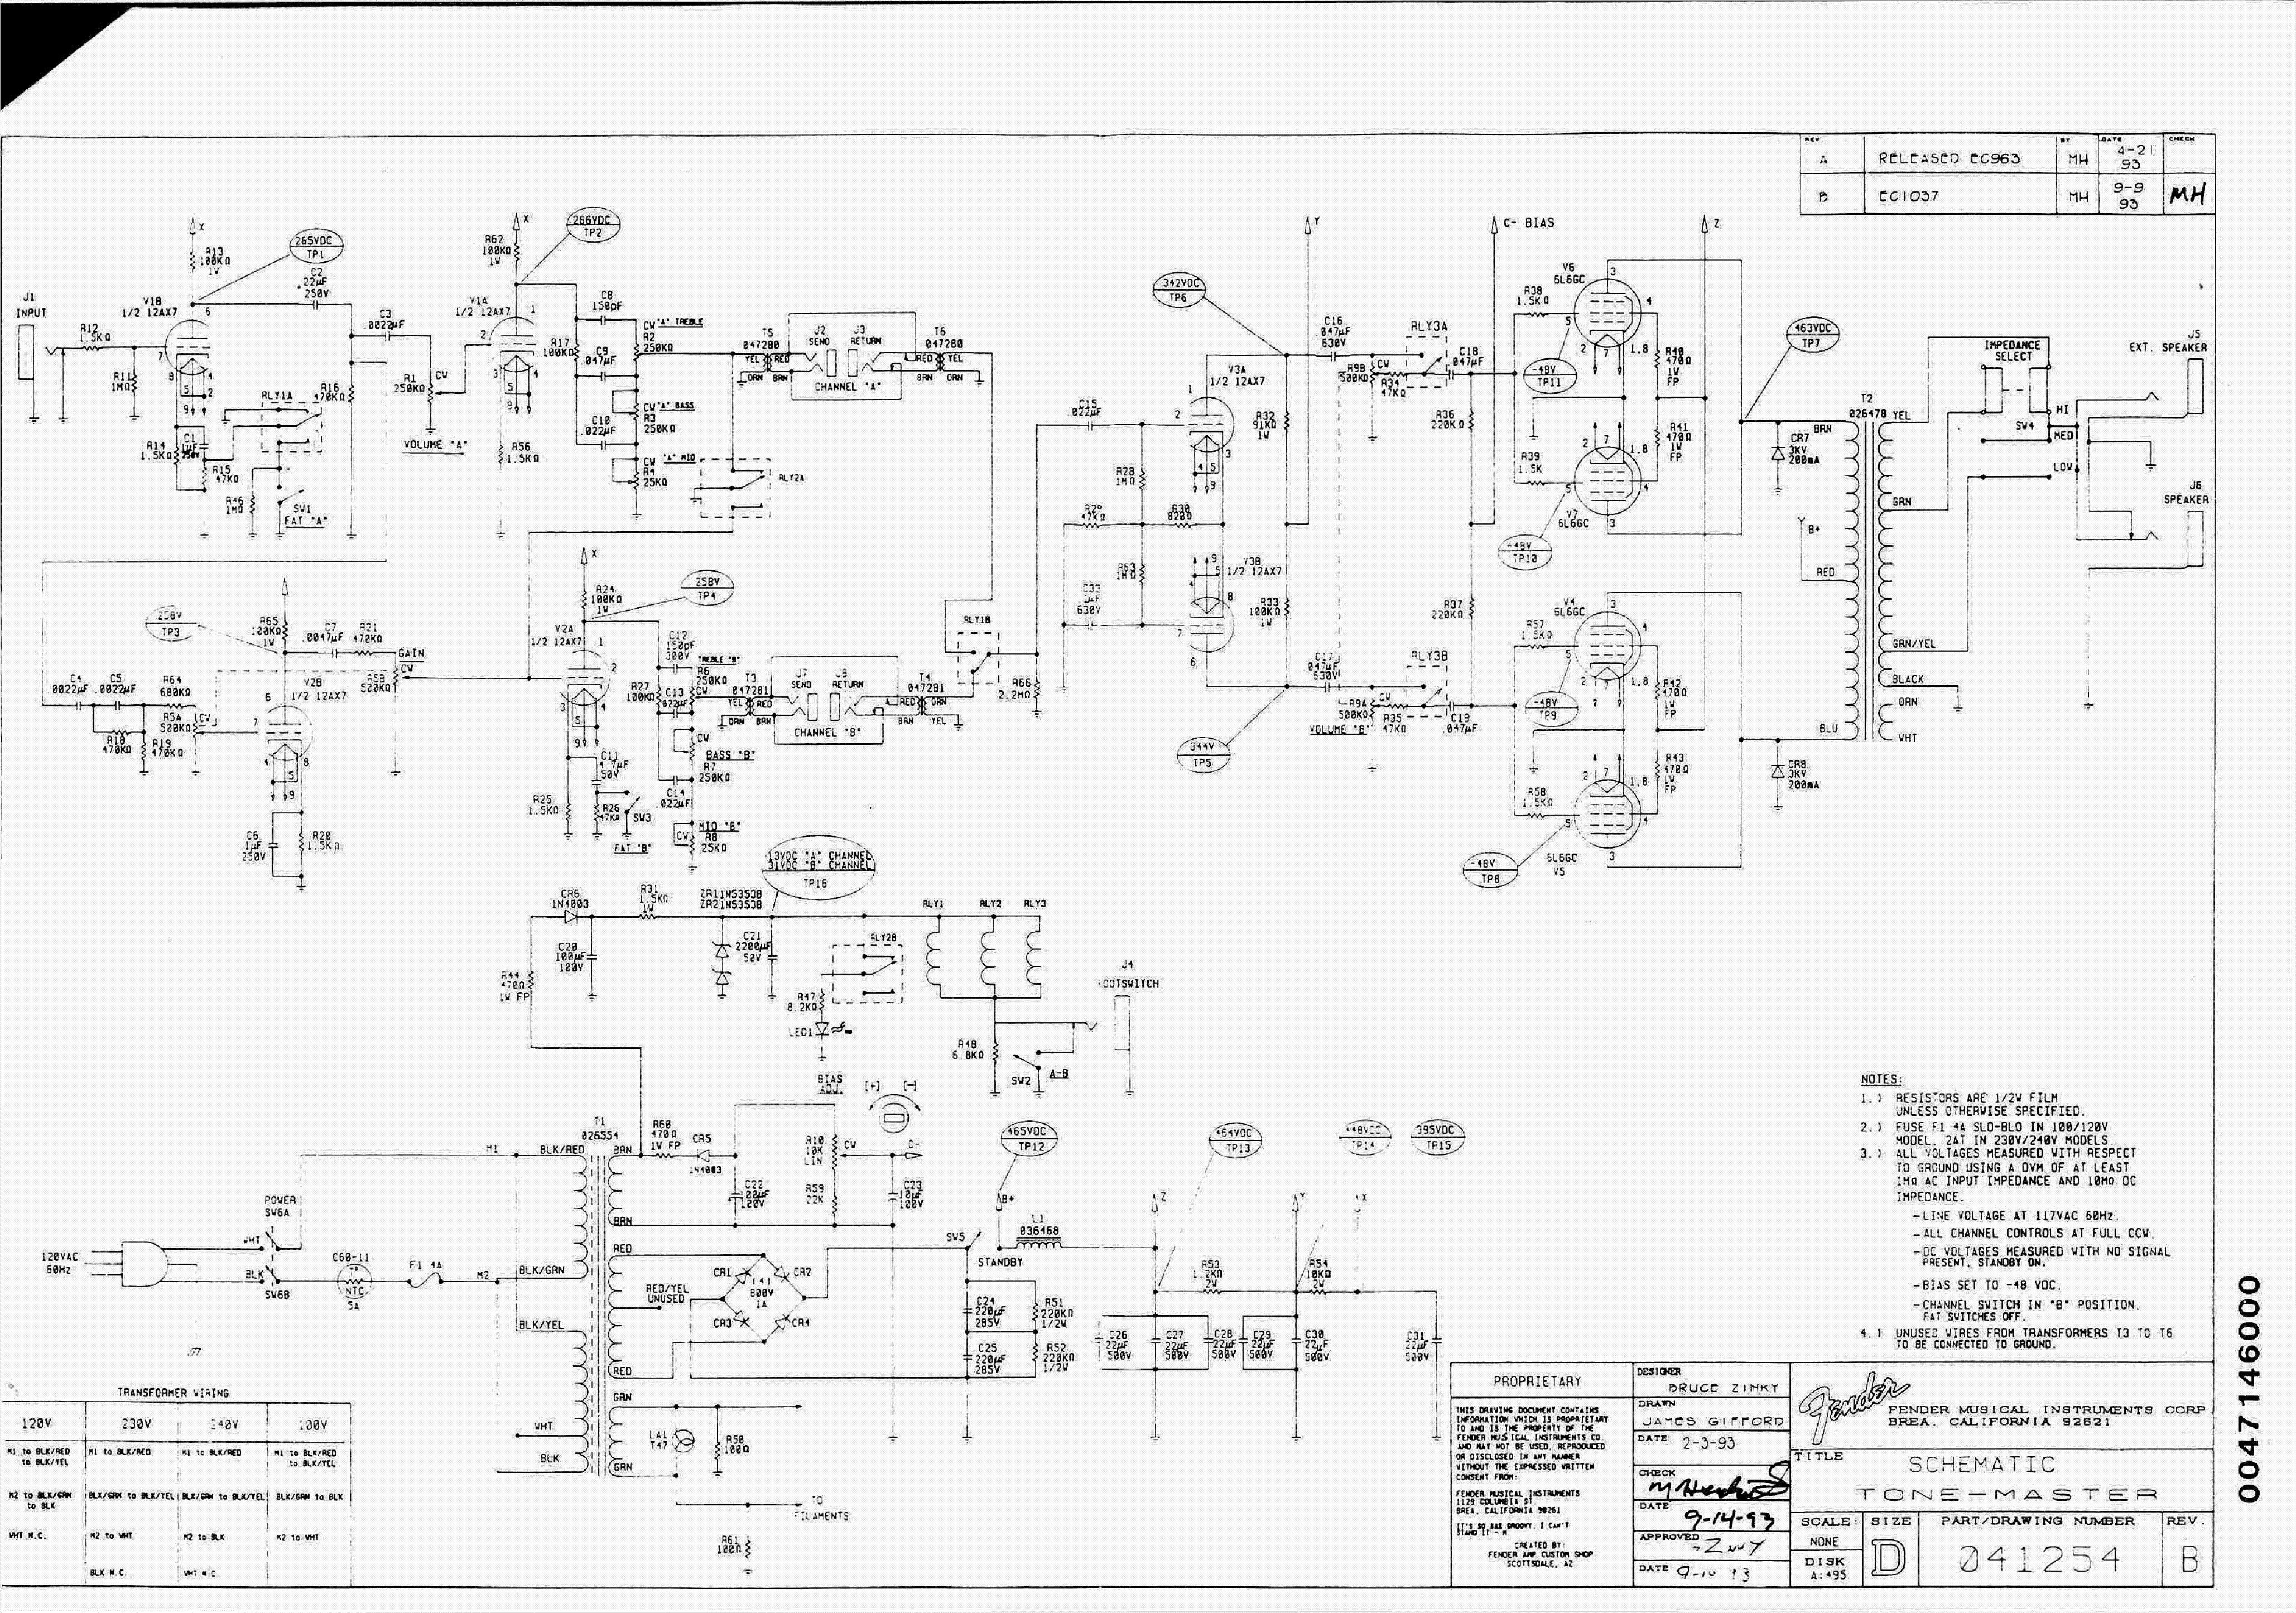 Fender Tone Master Wiring Schematic on